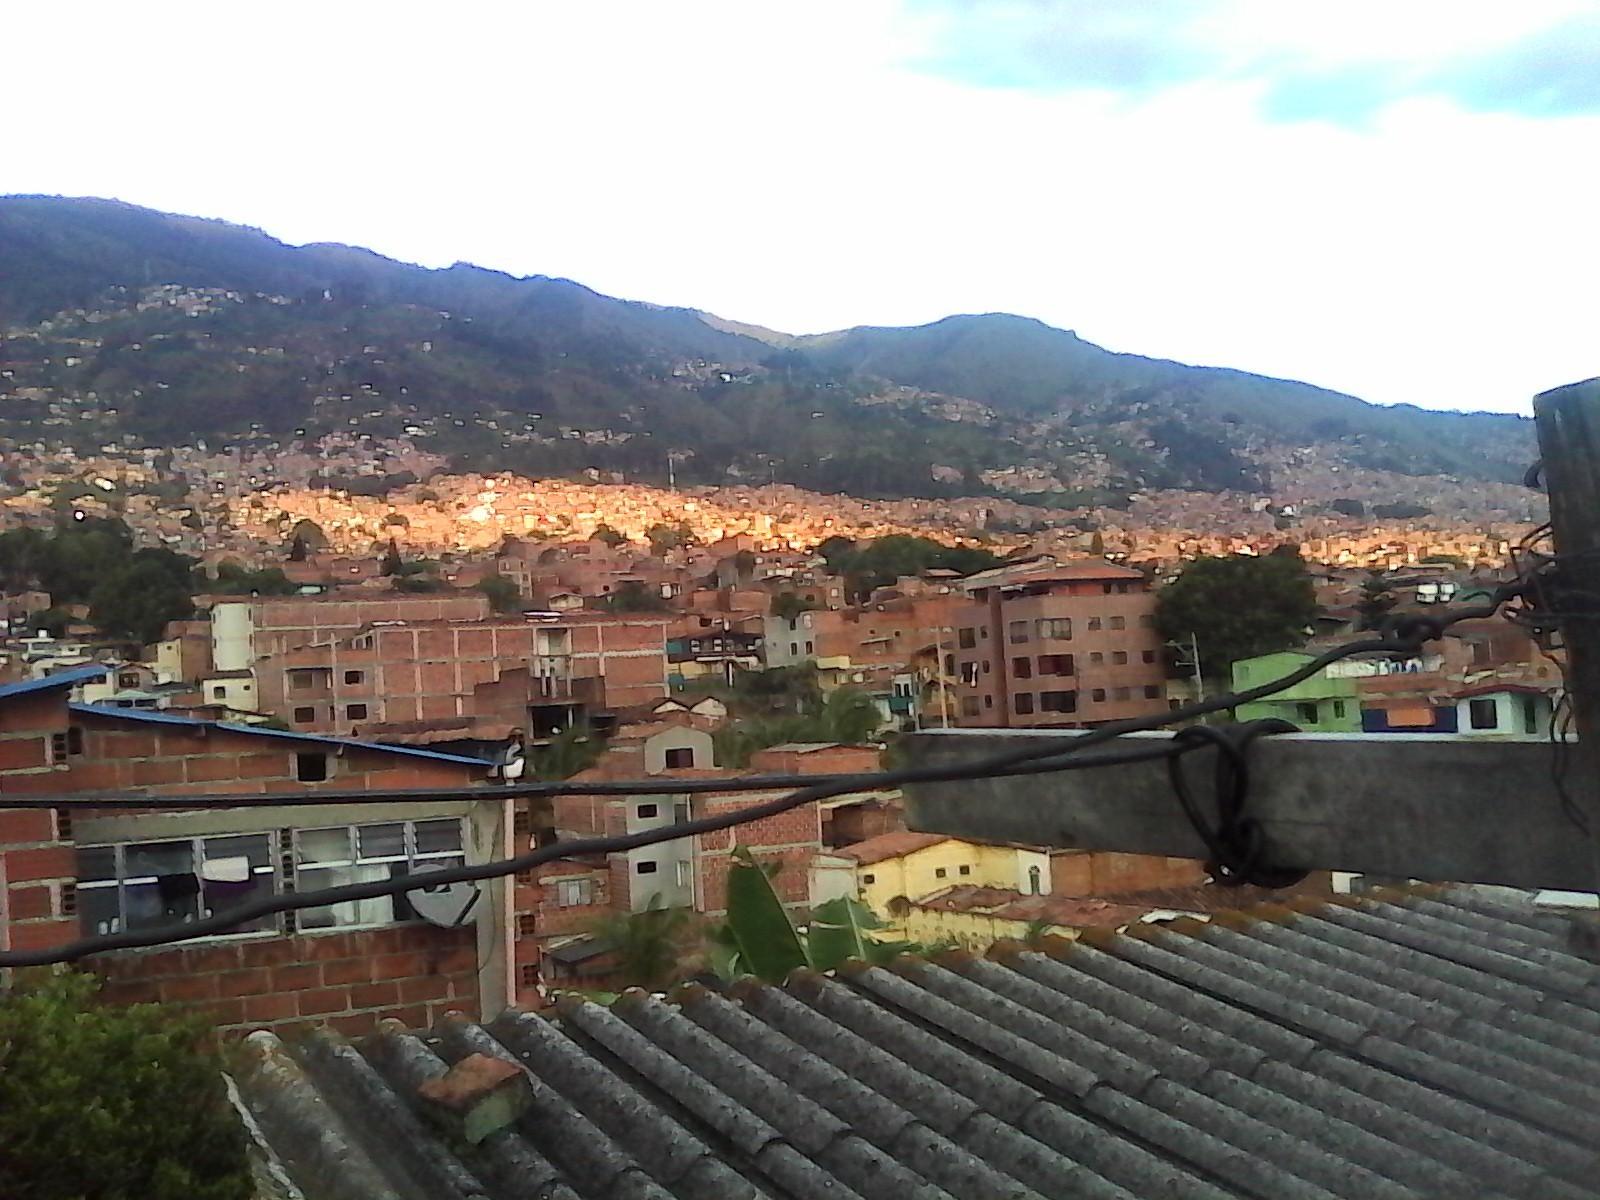 Mas barrio y mas montañas